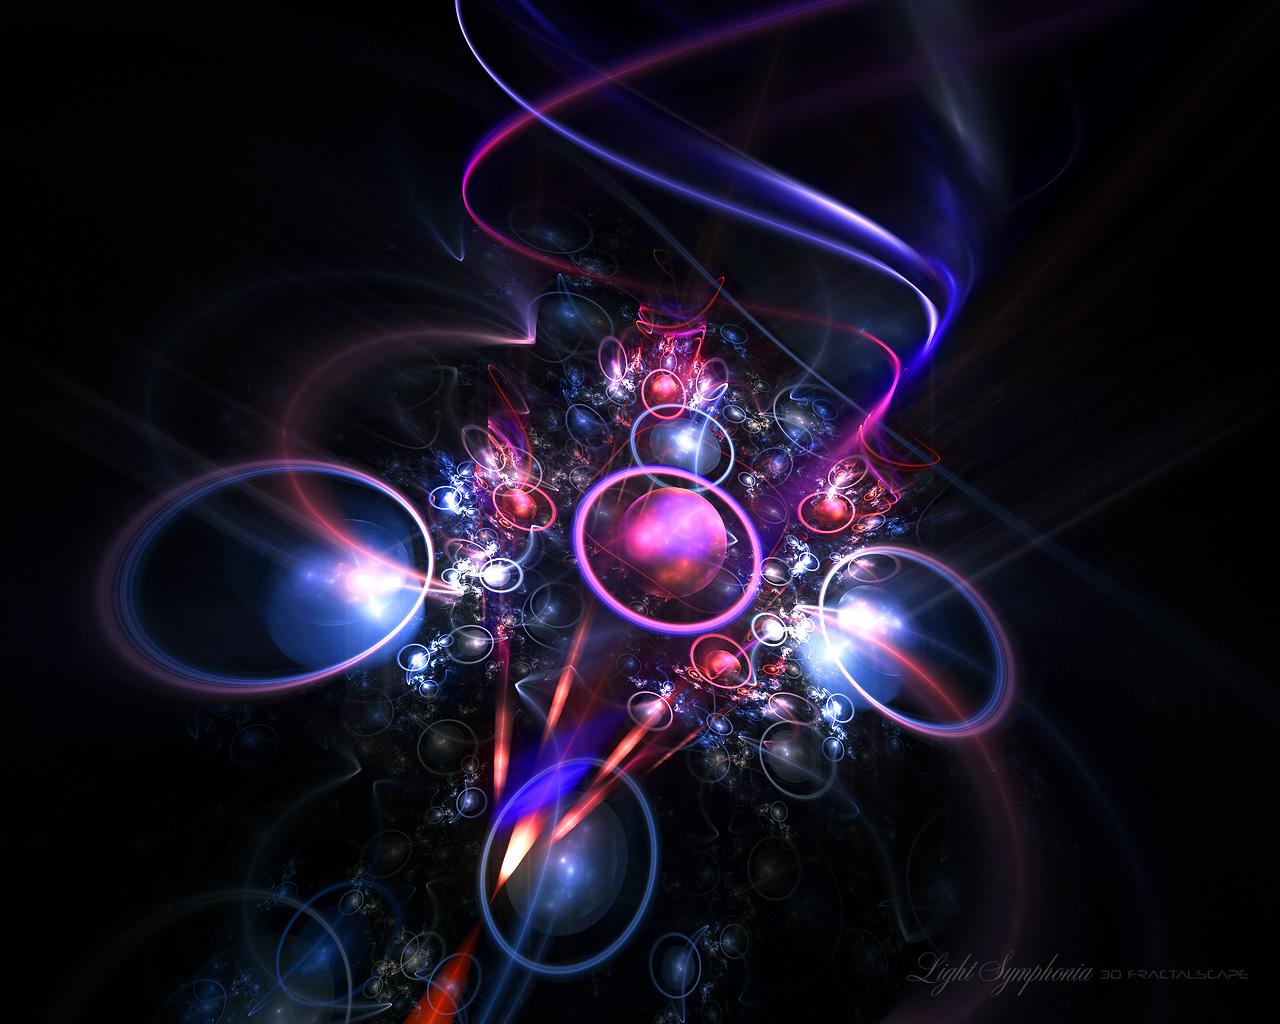 http://4.bp.blogspot.com/-r_AzMPBm1UY/TdZTZMyOOII/AAAAAAAAAWo/g62dTHvQbnM/s1600/Light_Symphonia_31_by_love1008.jpg